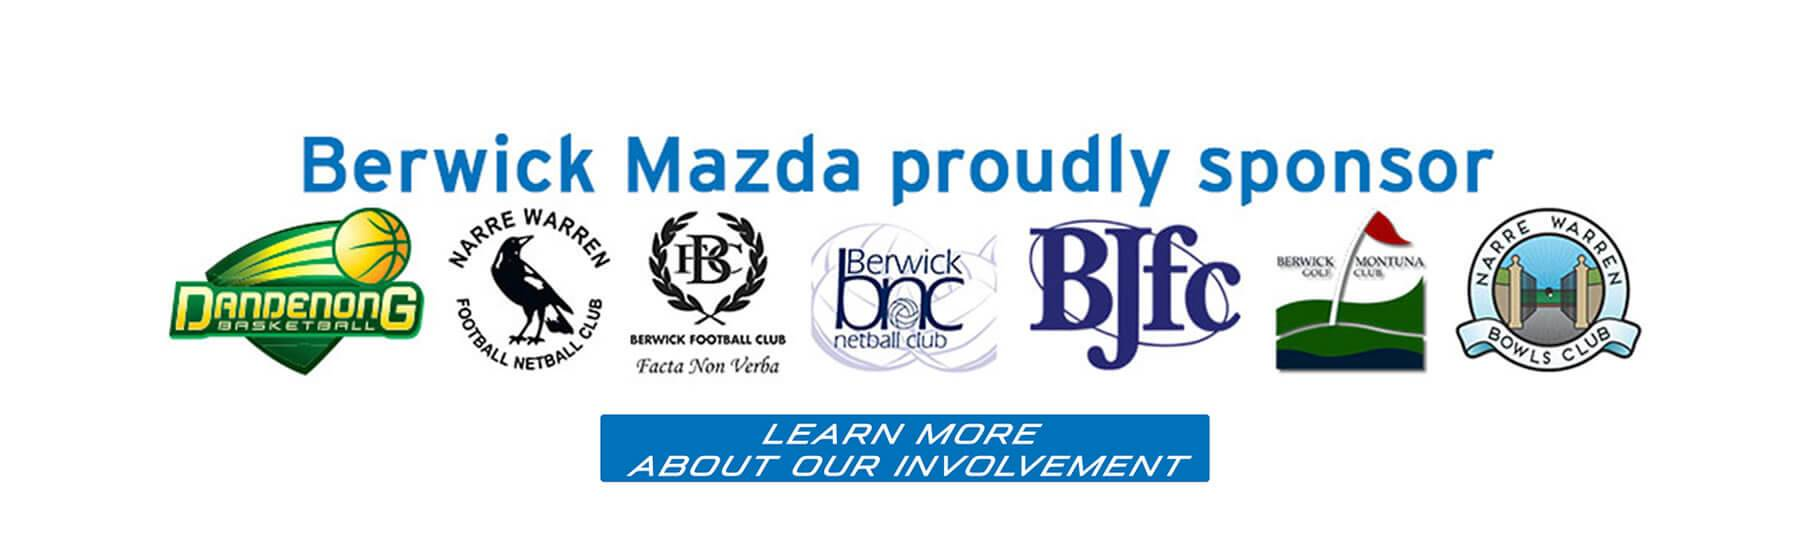 Berwick Mazda Sponsorship